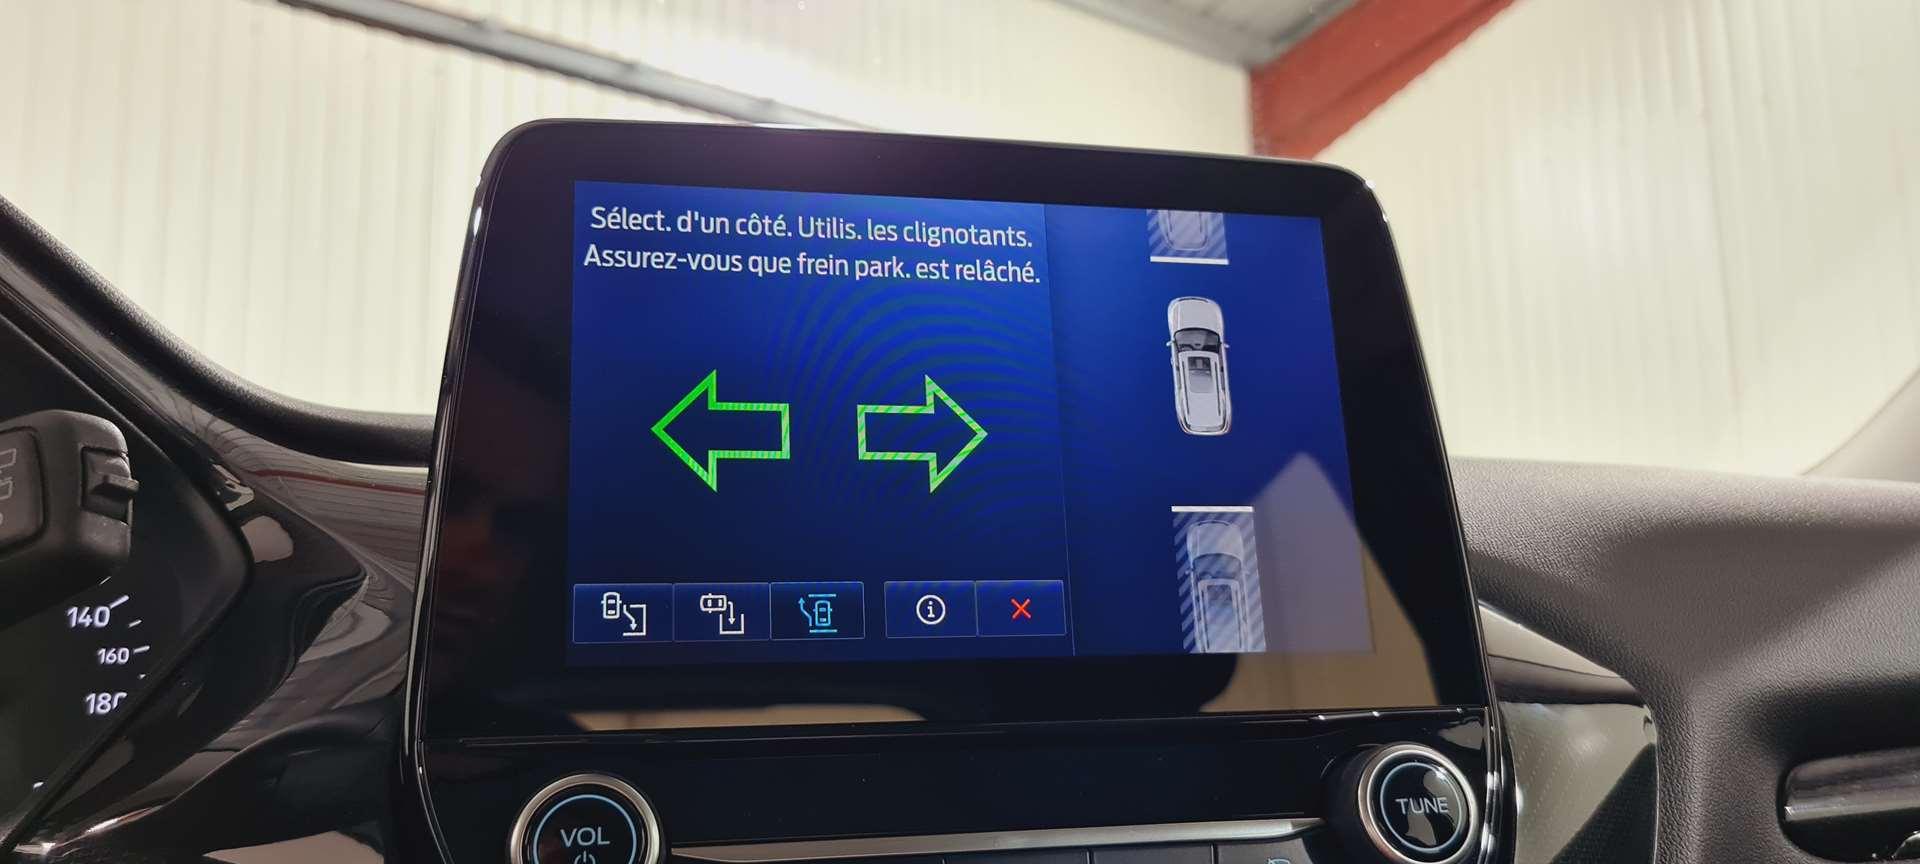 photo FORD PUMA 1.0 EcoBoost 125 ch mHEV S&S BVM6 Titanium